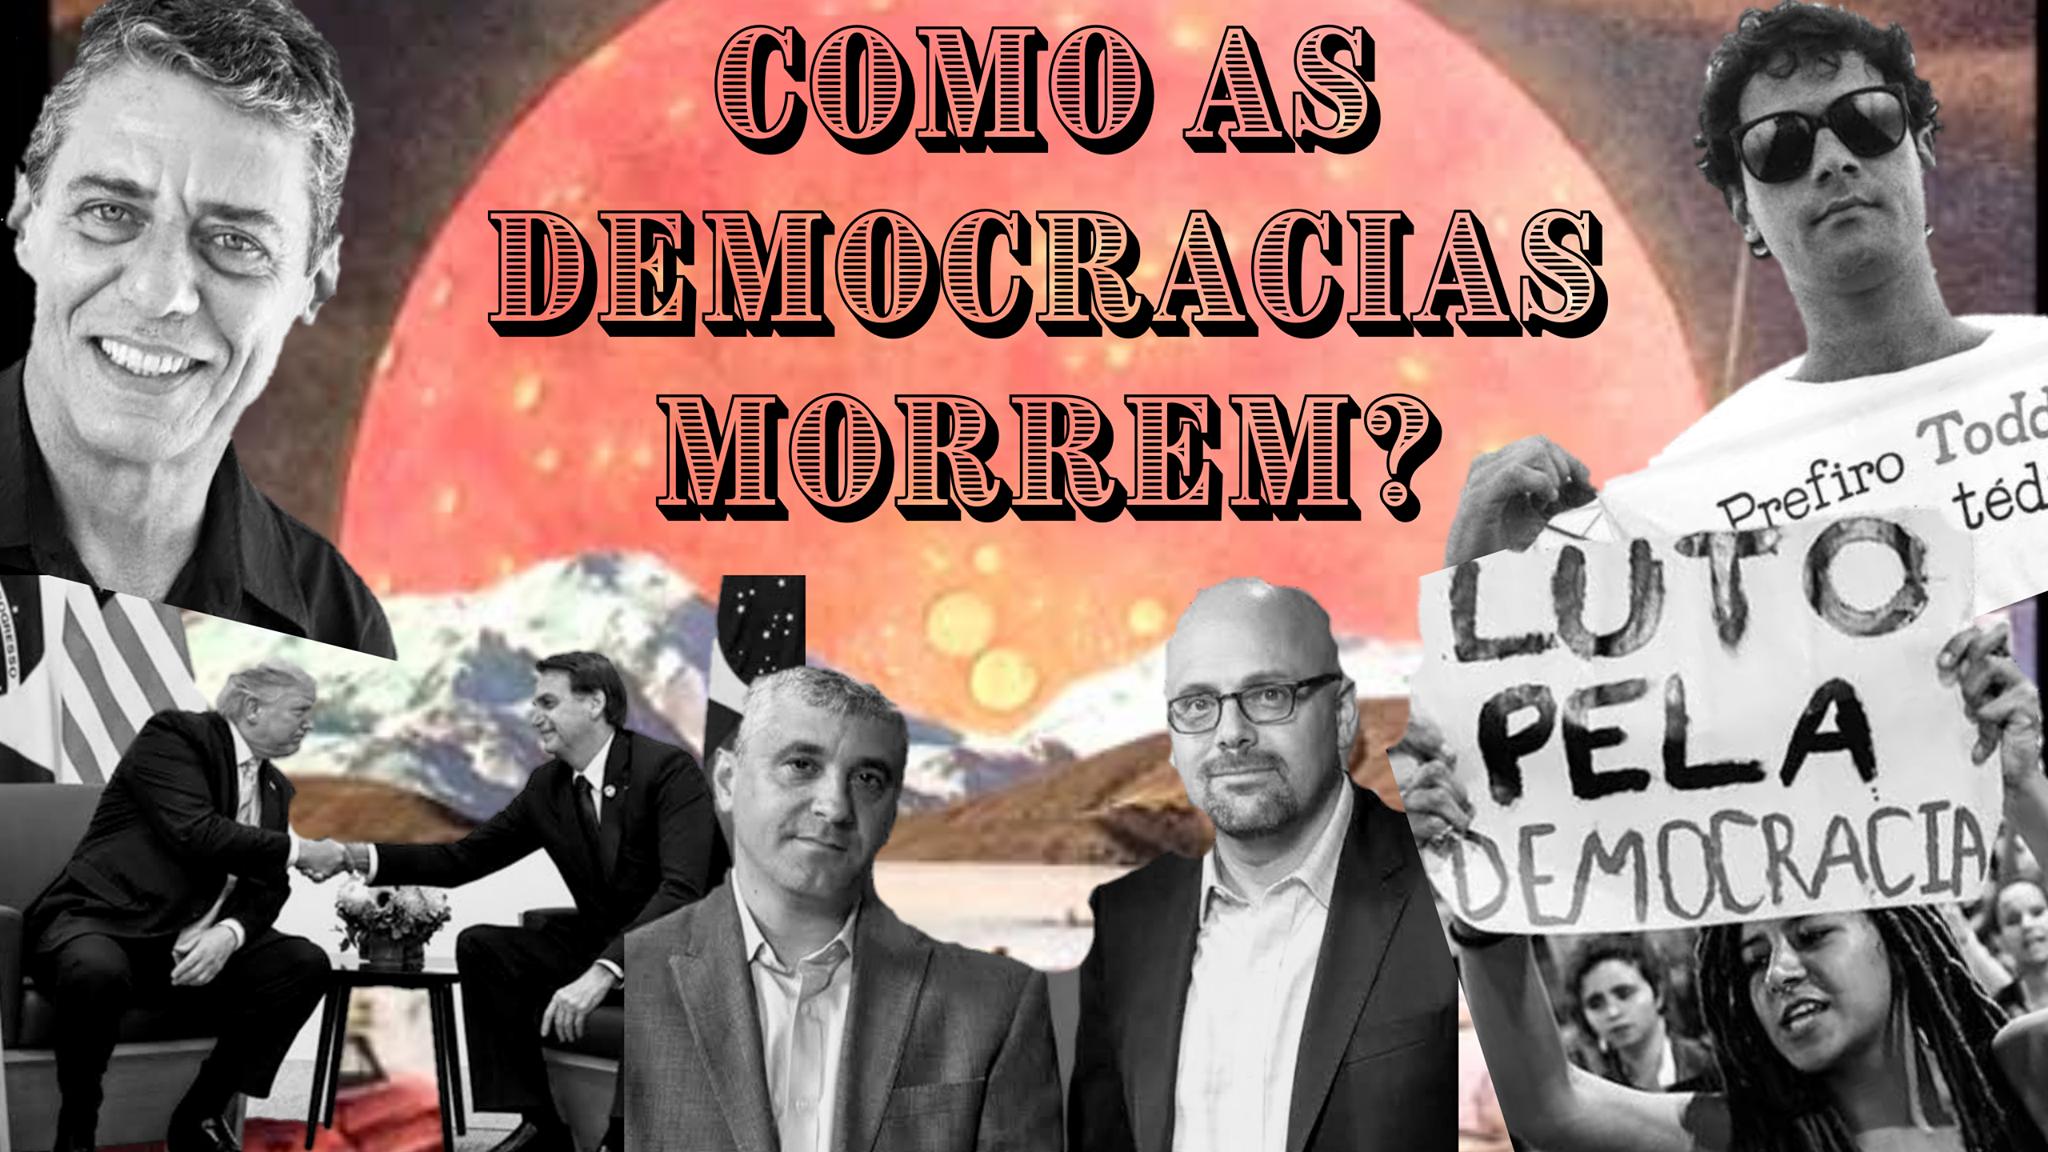 Como as democracias morrem?